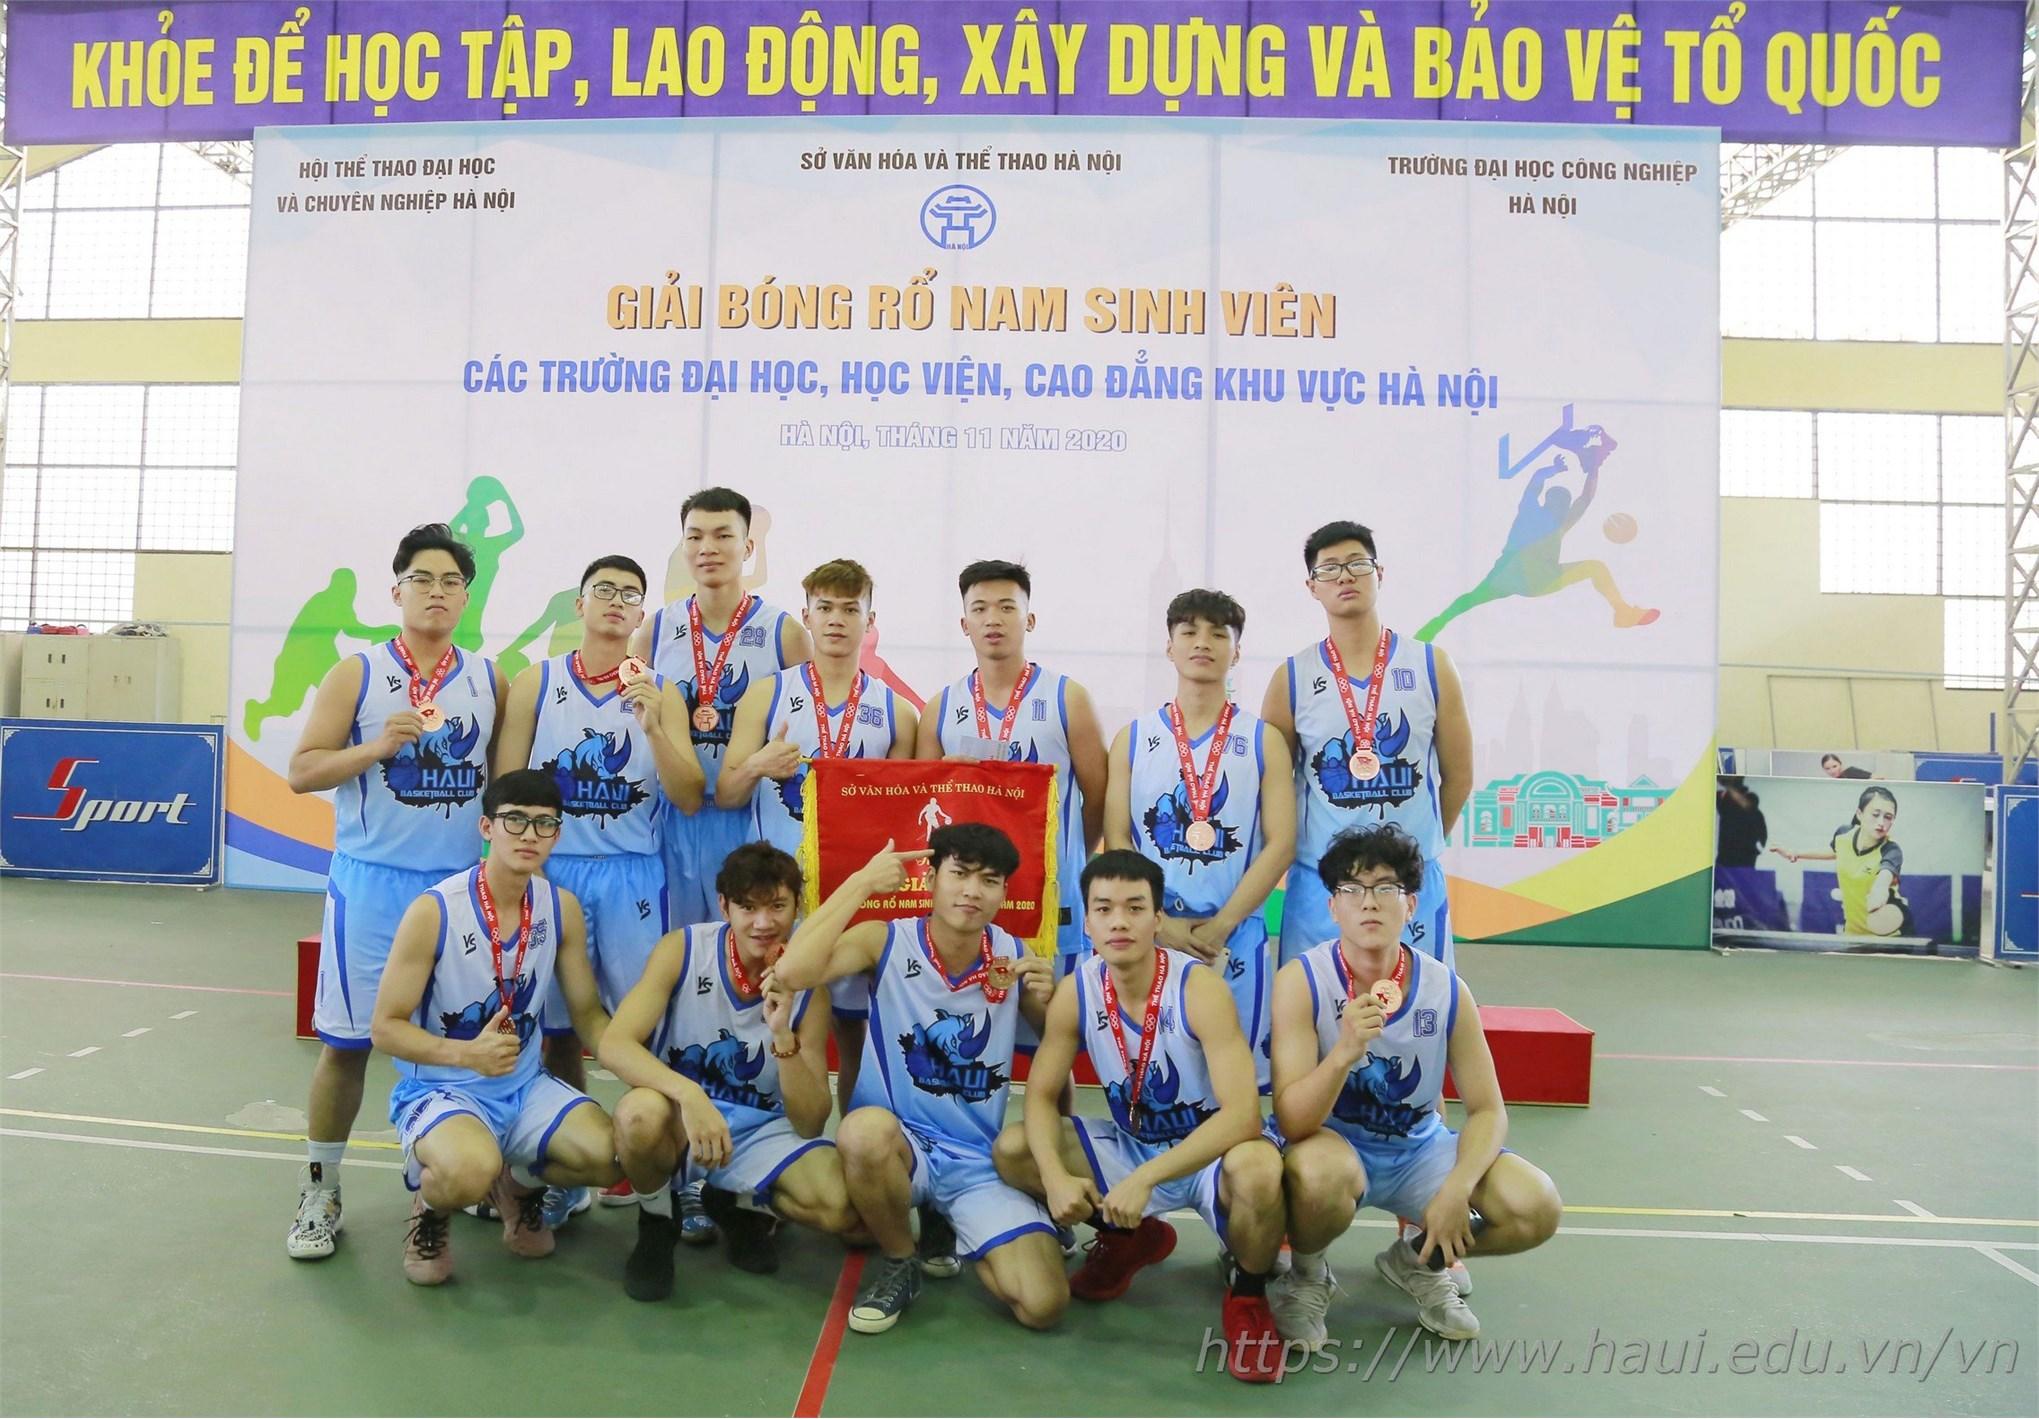 Các chàng trai đội tuyển bóng rổ nam ĐHCNHN đã có một mùa giải thành công và nhiều kỷ niệm đẹp.